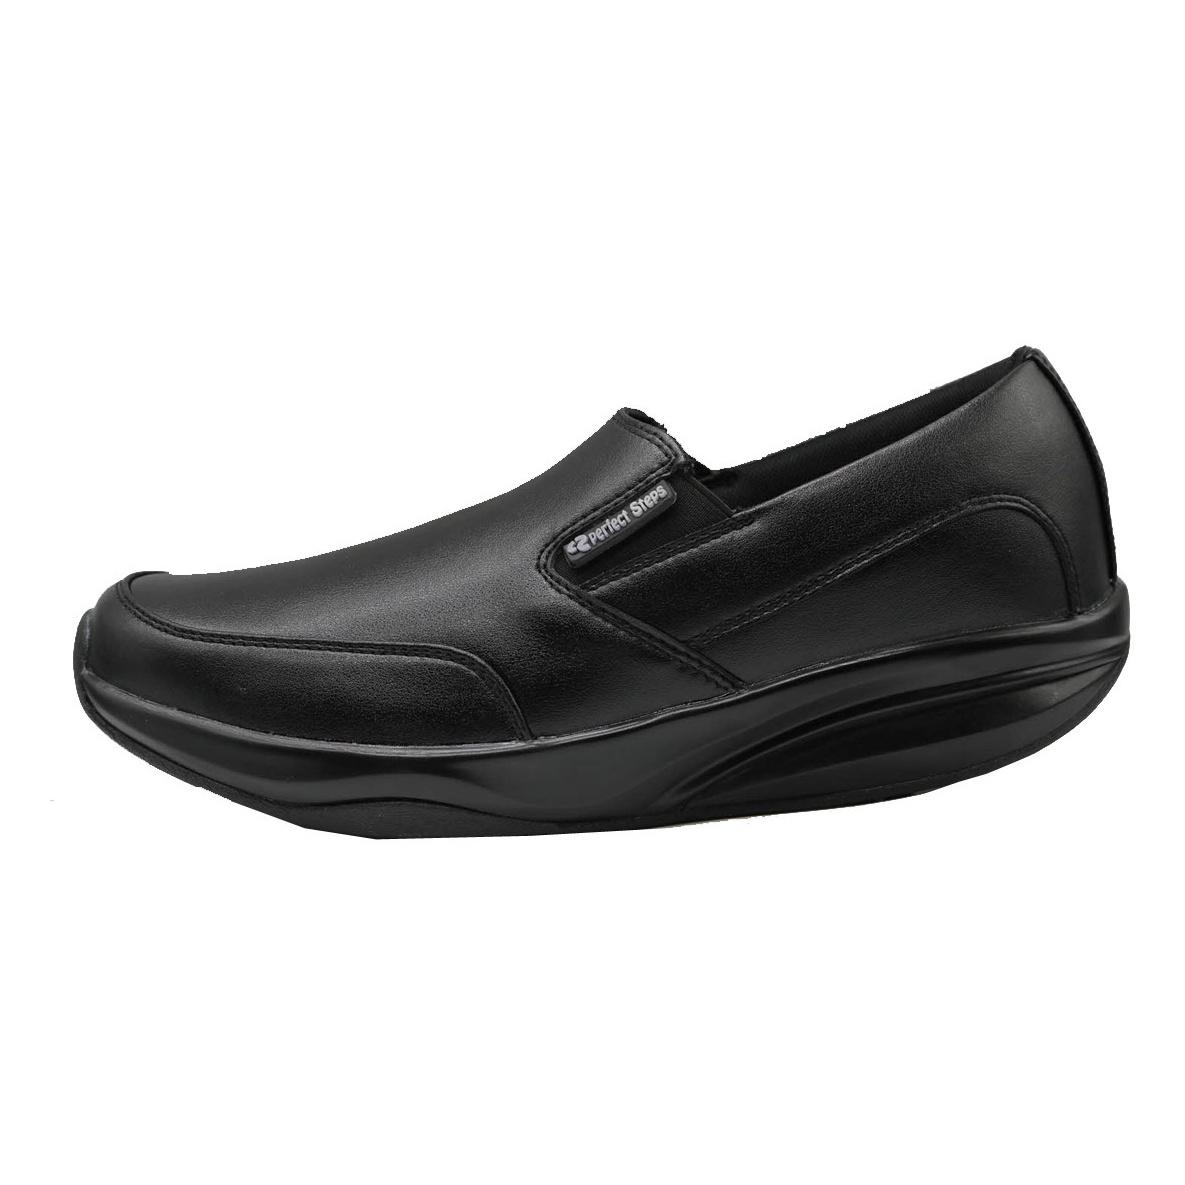 کفش روزمره زنانه پرفکت استپس مدل پریمو کژوال رنگ مشکی -  - 2